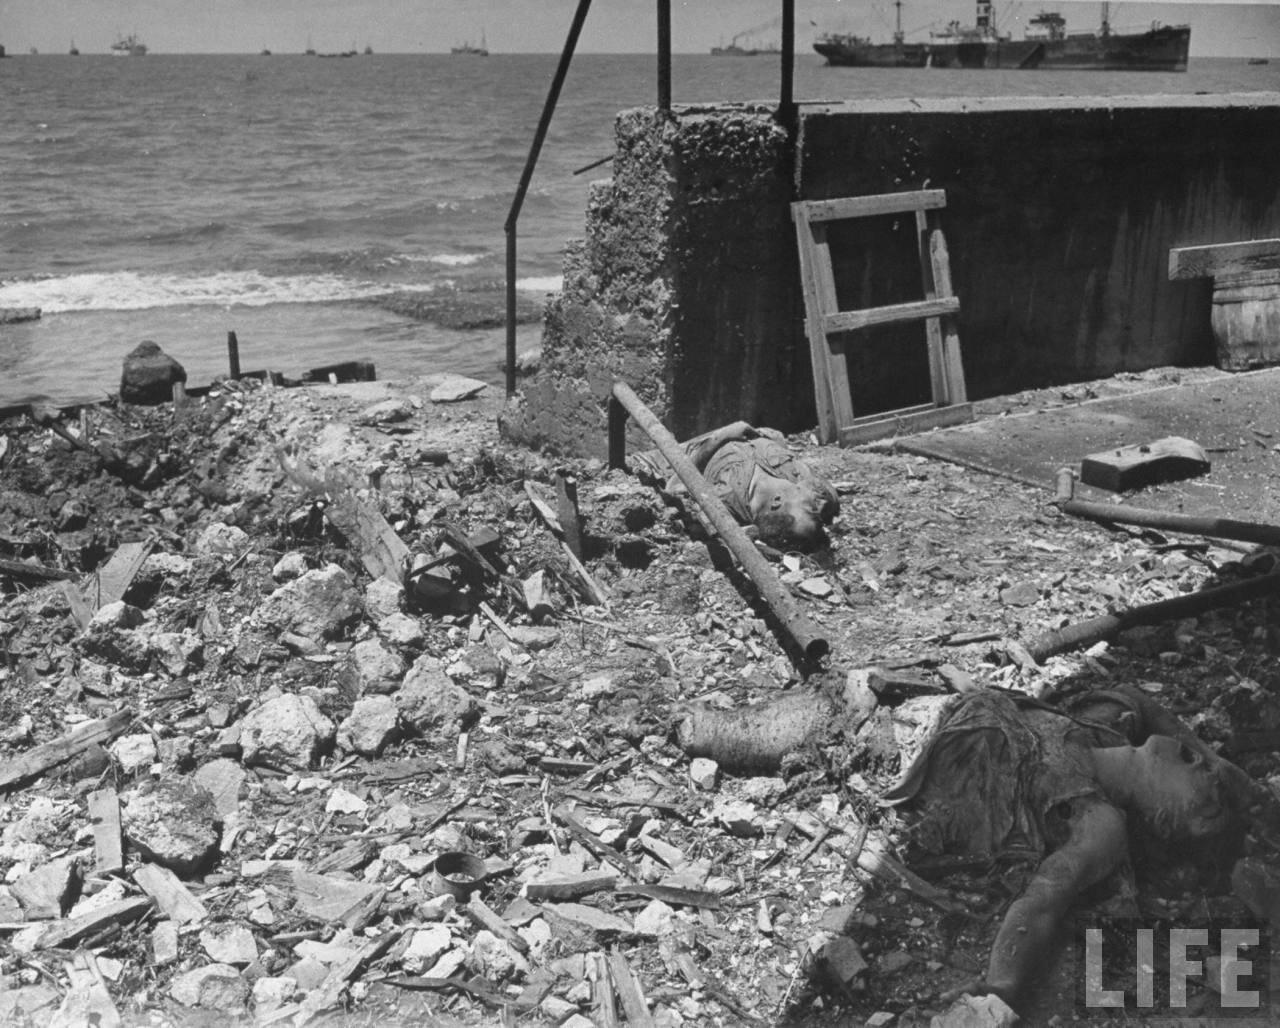 1948. Трупы жителей Тель-Авива на набережной после налета арабской авиации